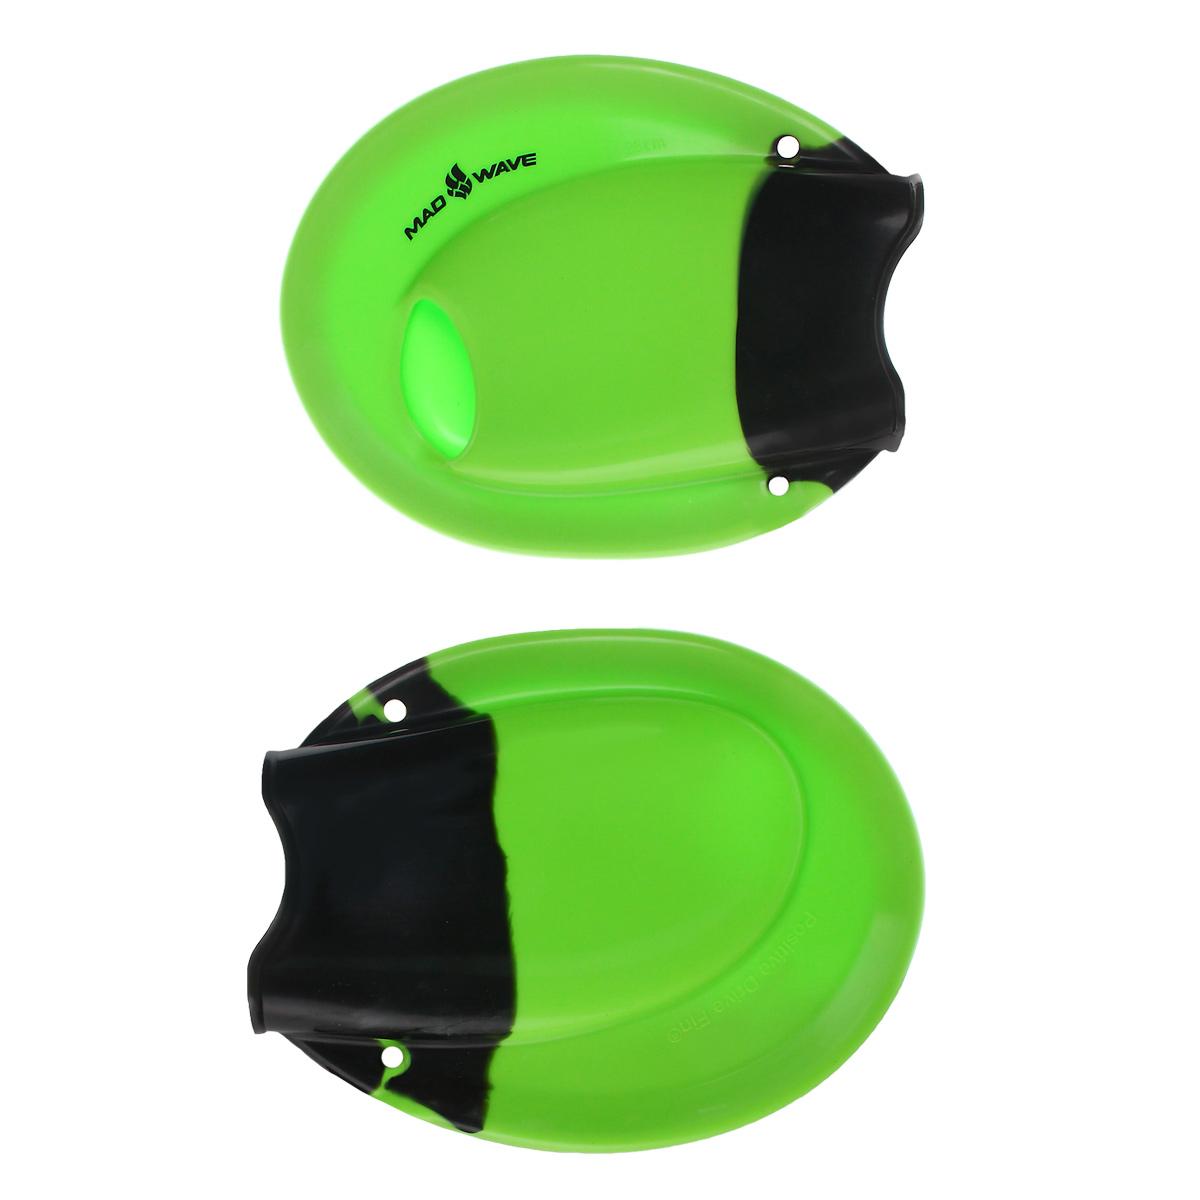 Ласты тренировочные для брасса Mad Wave Positive Drive, цвет: черный, зеленый. Размер 40-41SM938S-1054Форма ласт и регулируемый ремень пятки позволяет сделать правильное и мощное движение ногами брассом. Короткая и широкая лопасть подходит для улучшения техники кроля на груди и спине, брасса, дельфина. Эргономичный карман и открытая пятка для идеального положения стопы во время тренировки. Закрытый носок обеспечивает более мощное и направленное движение стопы, позволяя существенно увеличить скорость плавания.